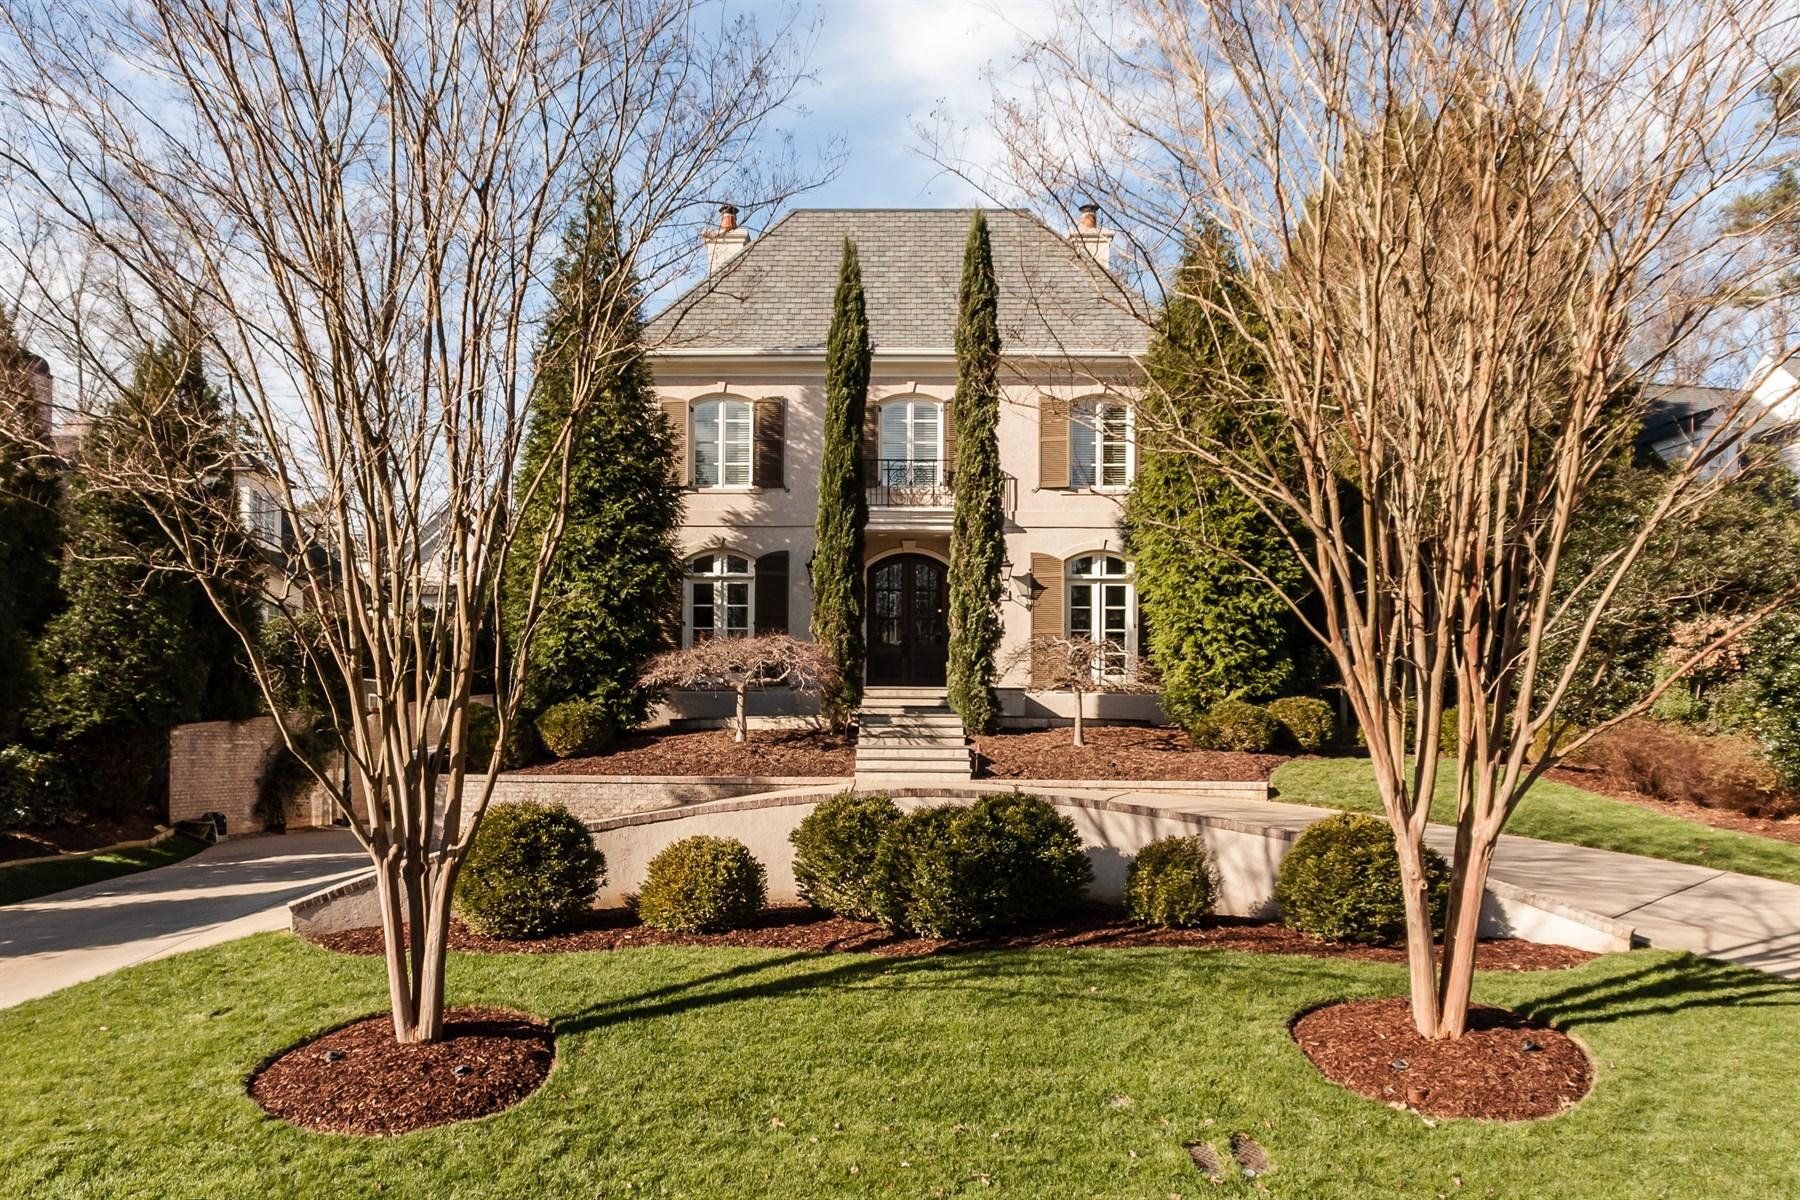 Villa per Vendita alle ore Exquisite Custom Built Home in Coley Forest 2205 Lash Ave Raleigh, Carolina Del Nord 27607 Stati Uniti